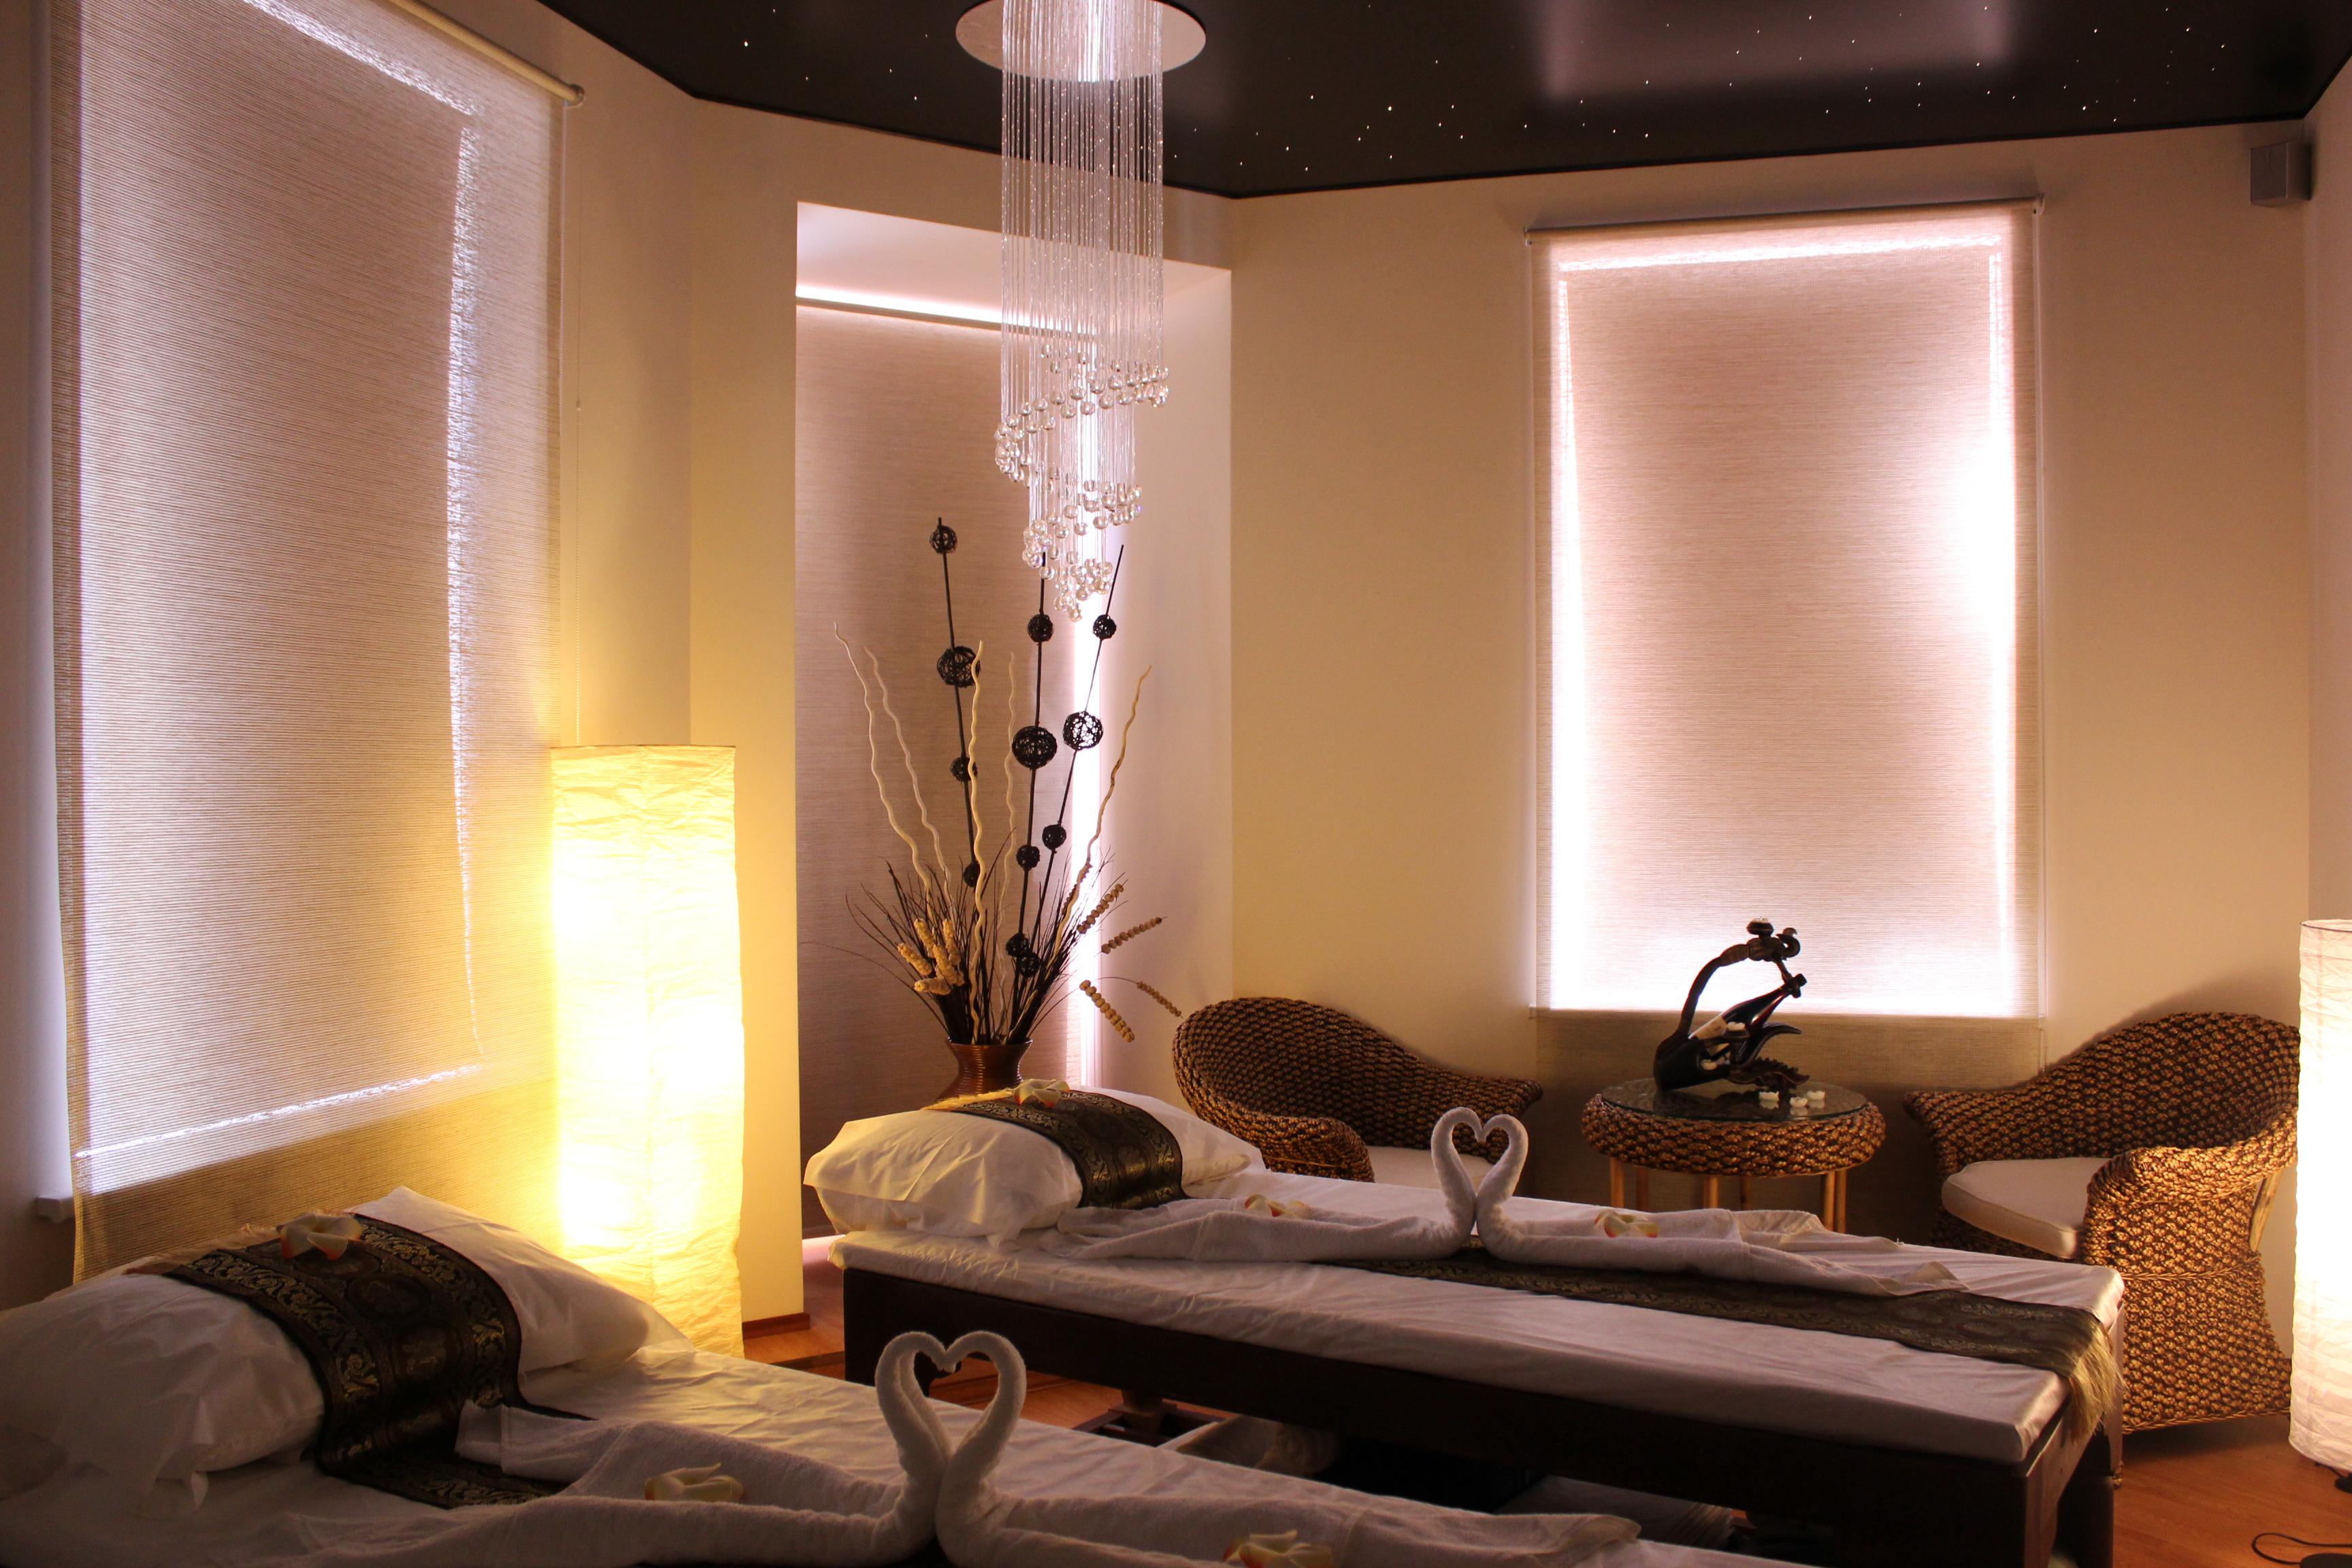 Вяпонском массажном салоне фото 581-882